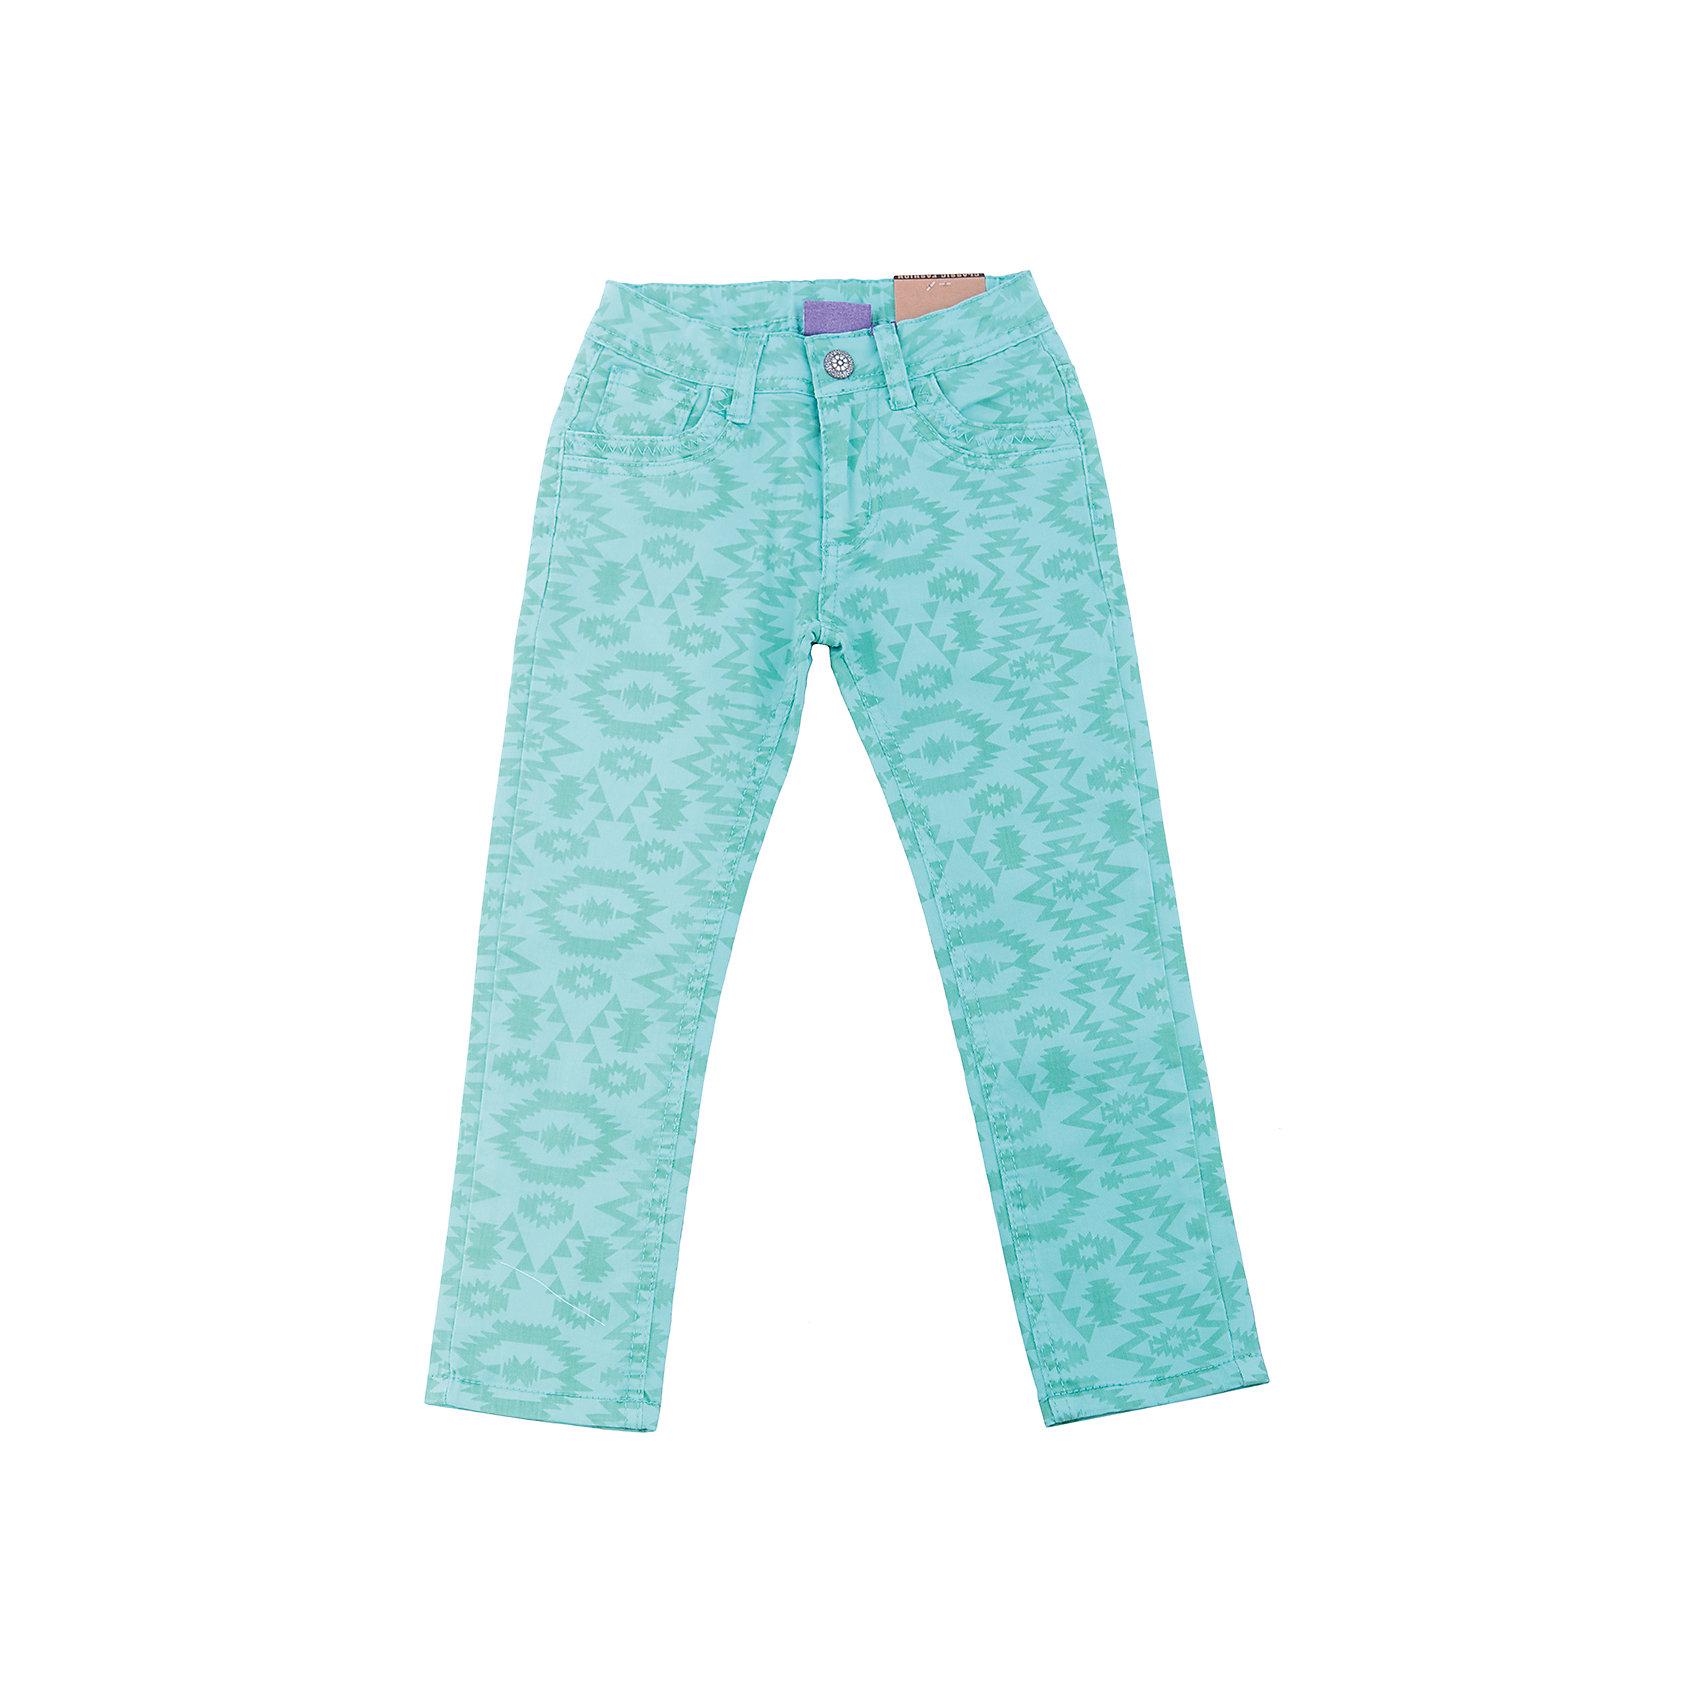 Брюки для девочки Sweet BerryБрюки<br>Стильные джинсовые брюки для девочки. Зауженный крой. Застегиваются на молнию и пуговицу. Шлевки на поясе рассчитаны под ремень. В боковой части пояса находятся вшитые эластичные ленты, регулирующие посадку по талии.<br>Состав:<br>98%хлопок 2%эластан<br><br>Ширина мм: 215<br>Глубина мм: 88<br>Высота мм: 191<br>Вес г: 336<br>Цвет: голубой<br>Возраст от месяцев: 24<br>Возраст до месяцев: 36<br>Пол: Женский<br>Возраст: Детский<br>Размер: 98,110,116,122,128,104<br>SKU: 5412801